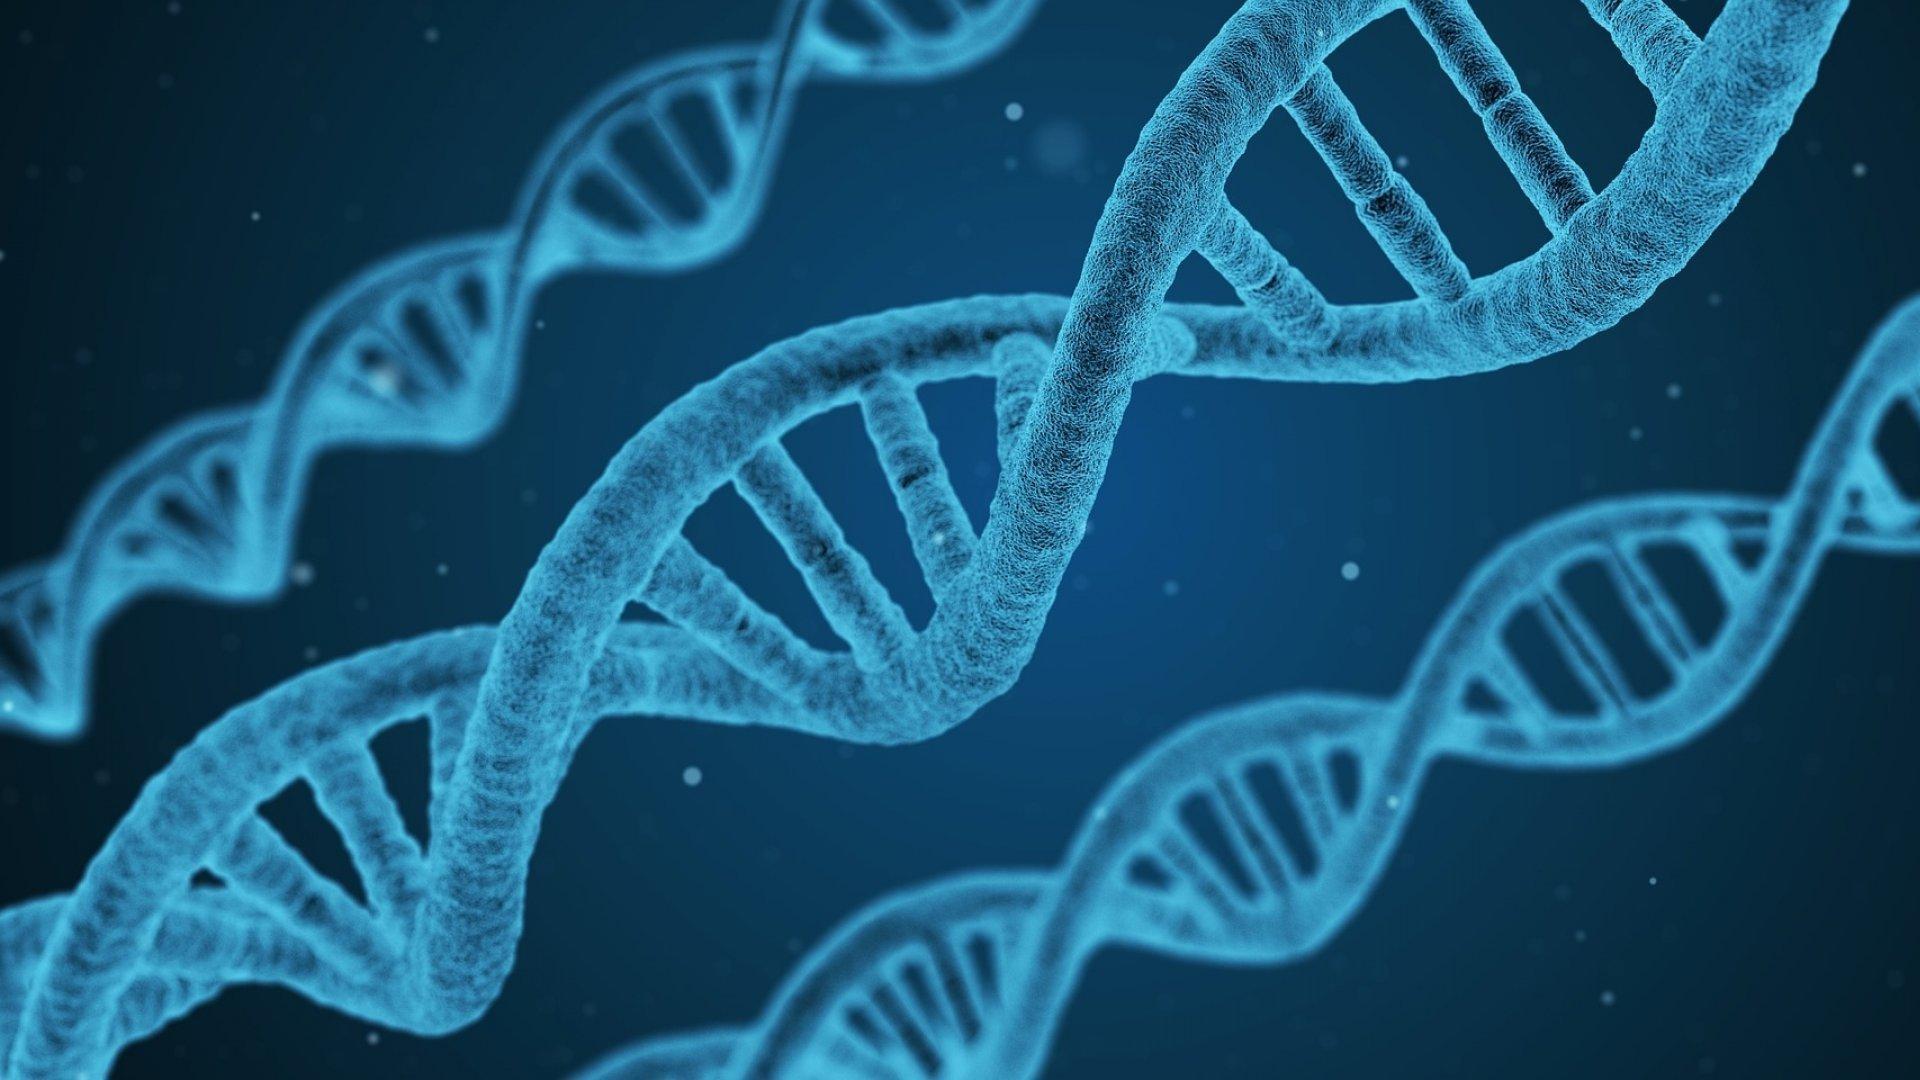 Symbolische Darstellung der Struktur der DNA